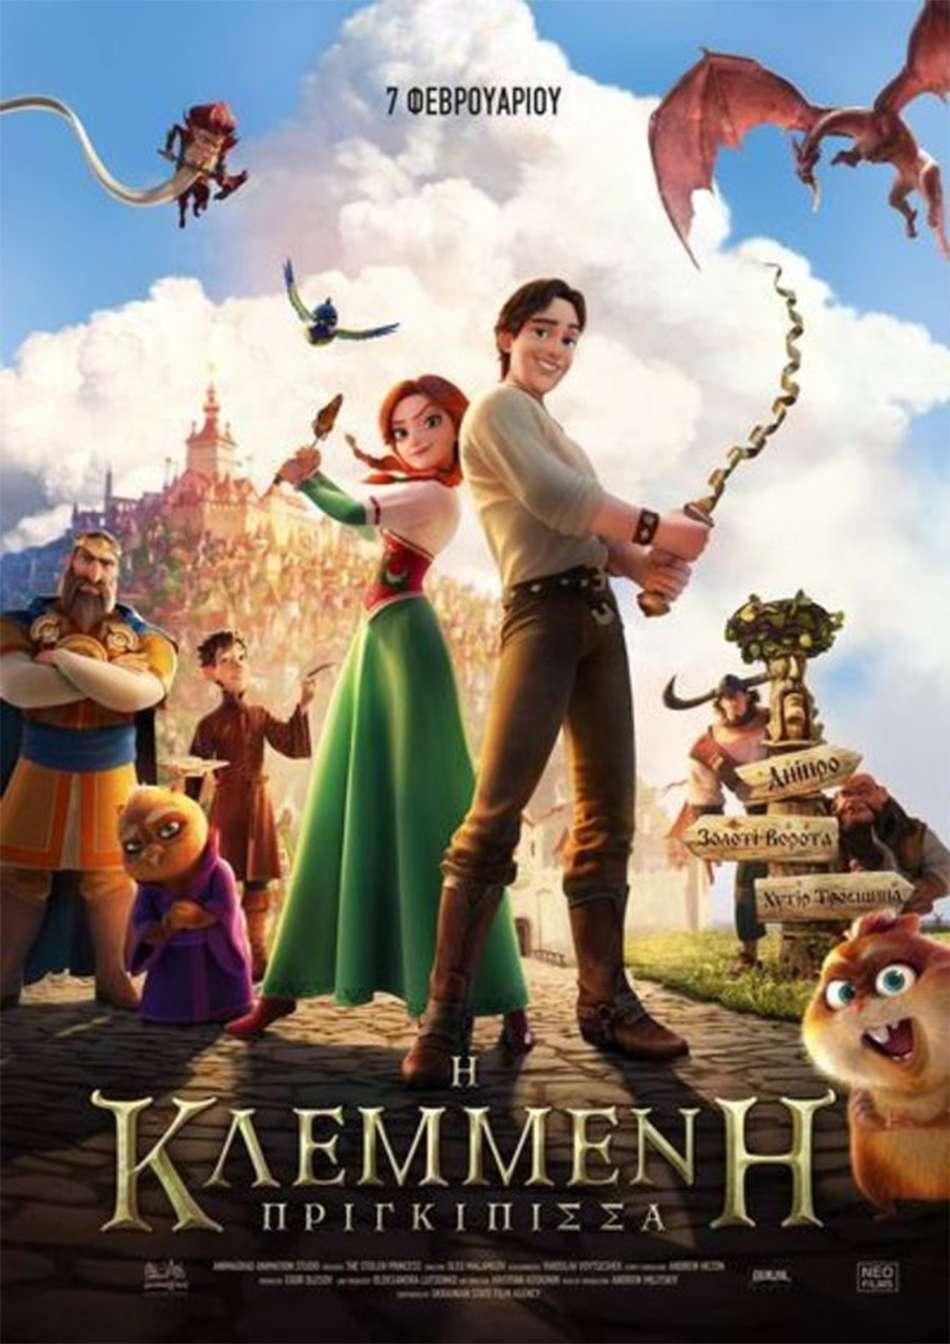 Η Κλεμμένη Πριγκίπισσα (The Stolen Princess) Poster